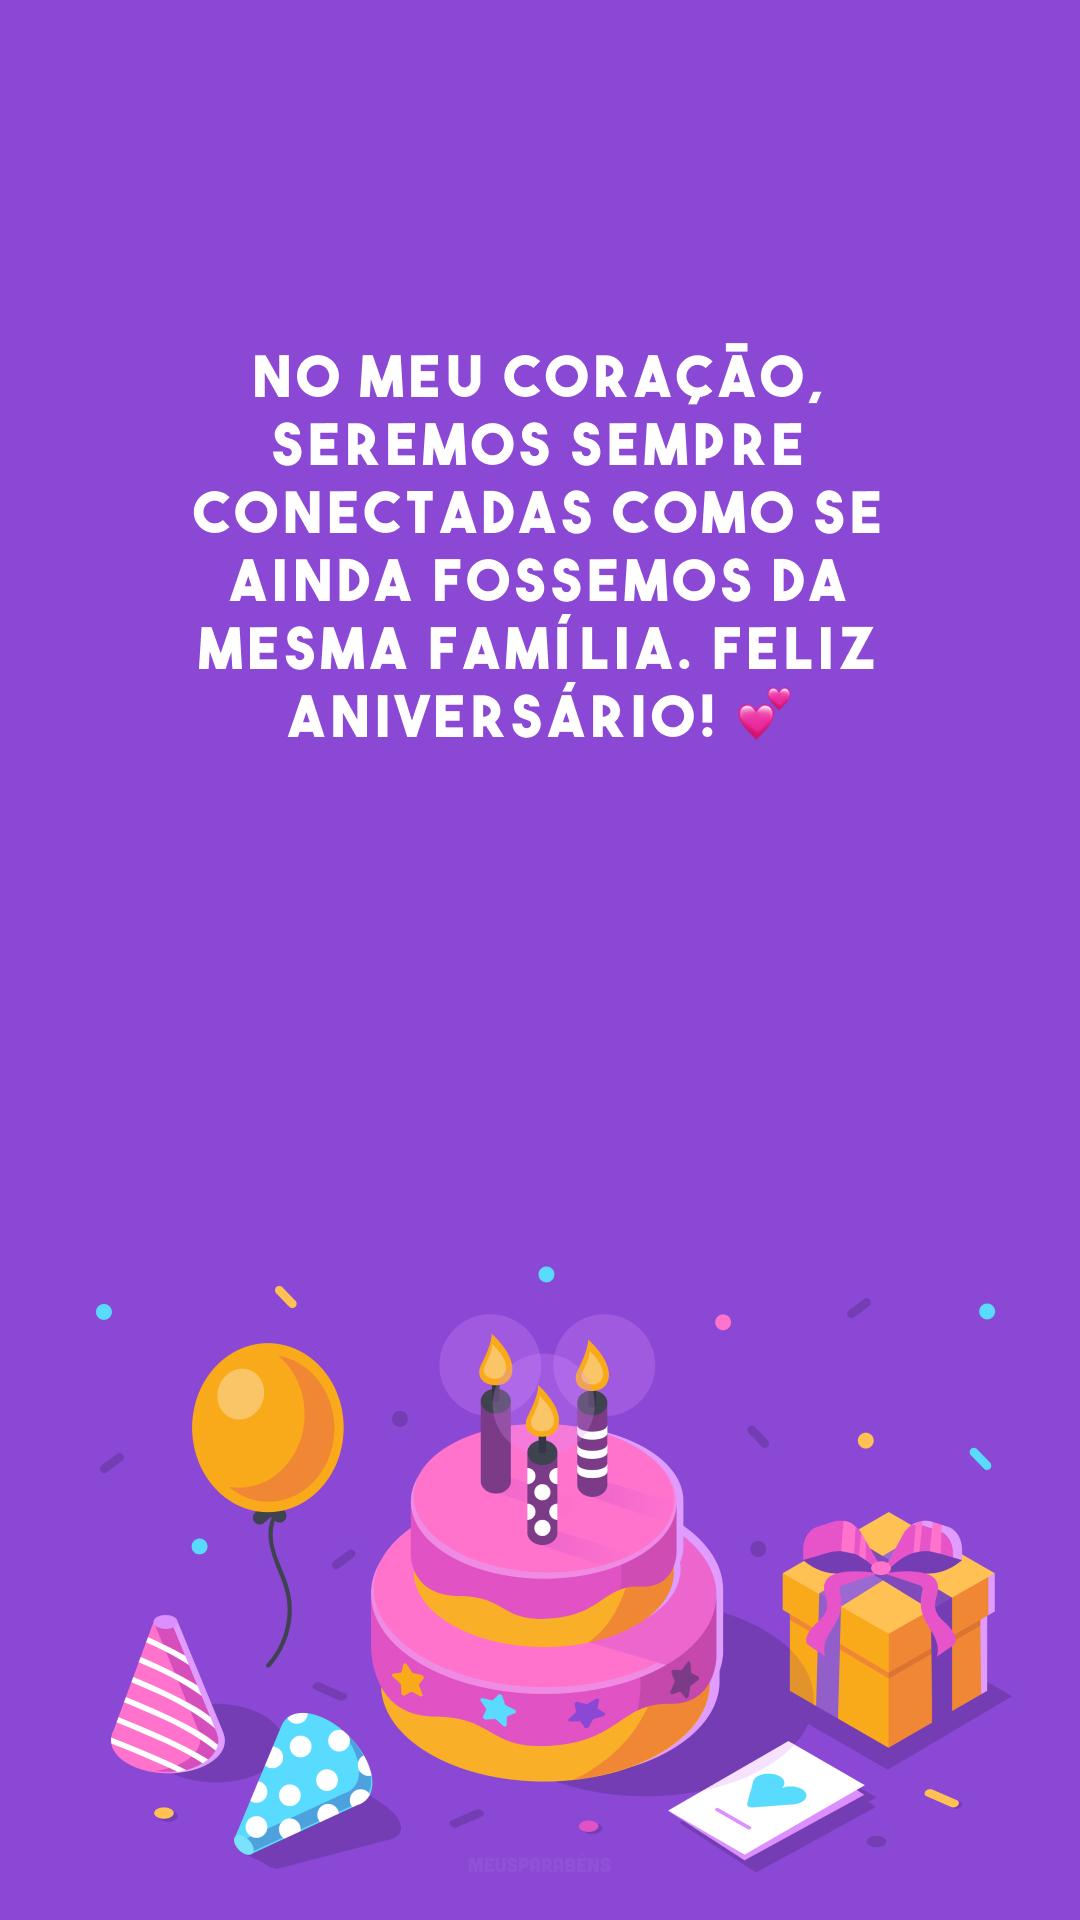 No meu coração, seremos sempre conectadas como se ainda fossemos da mesma família. Feliz aniversário! 💕